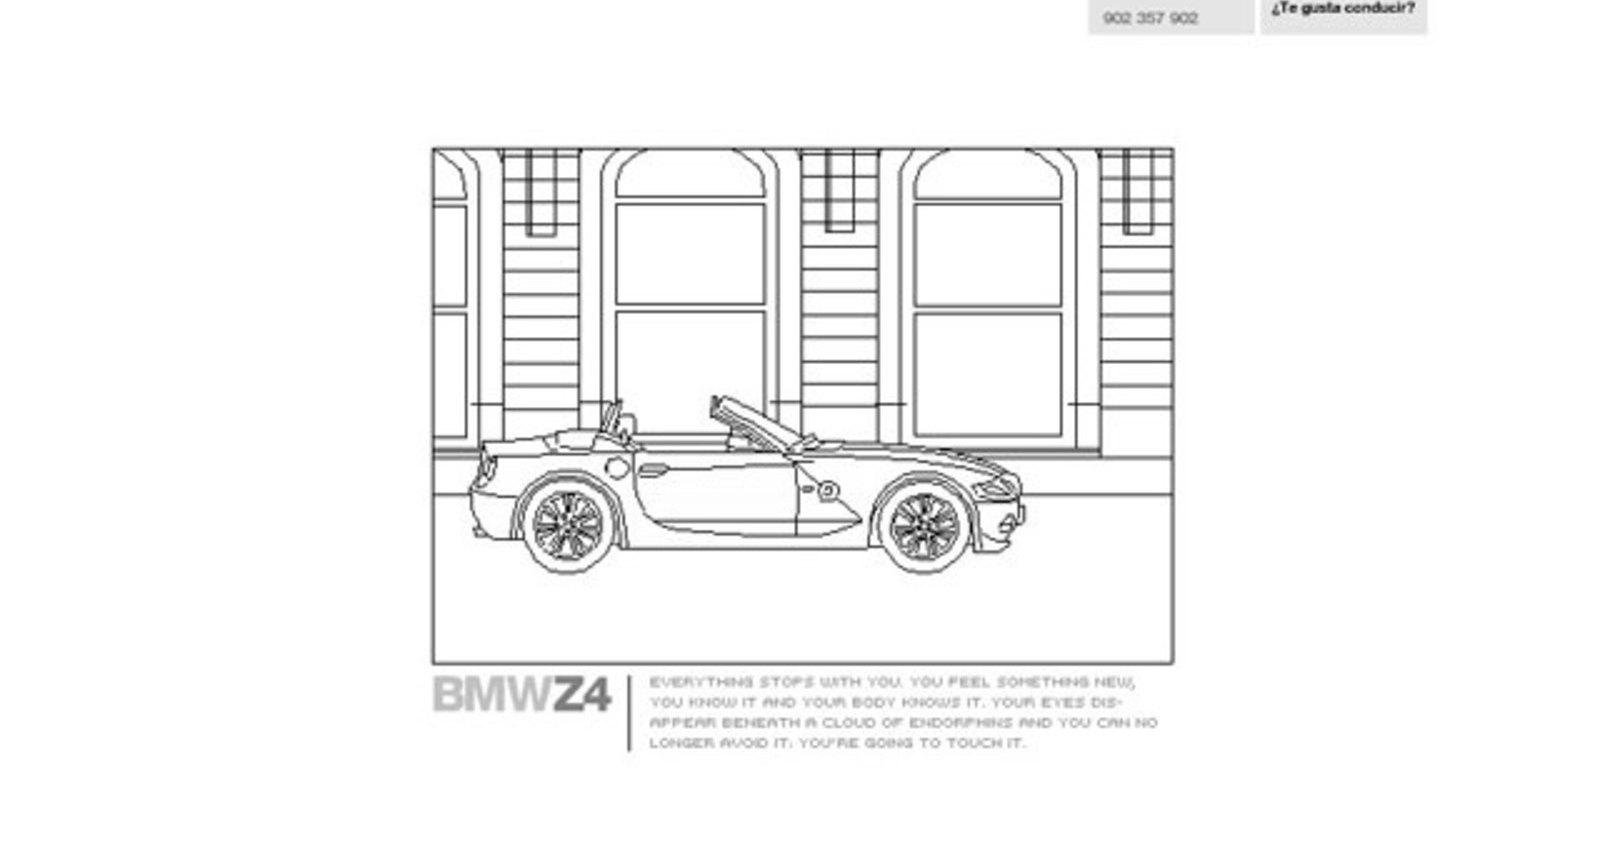 BMW Z4 Endorphines